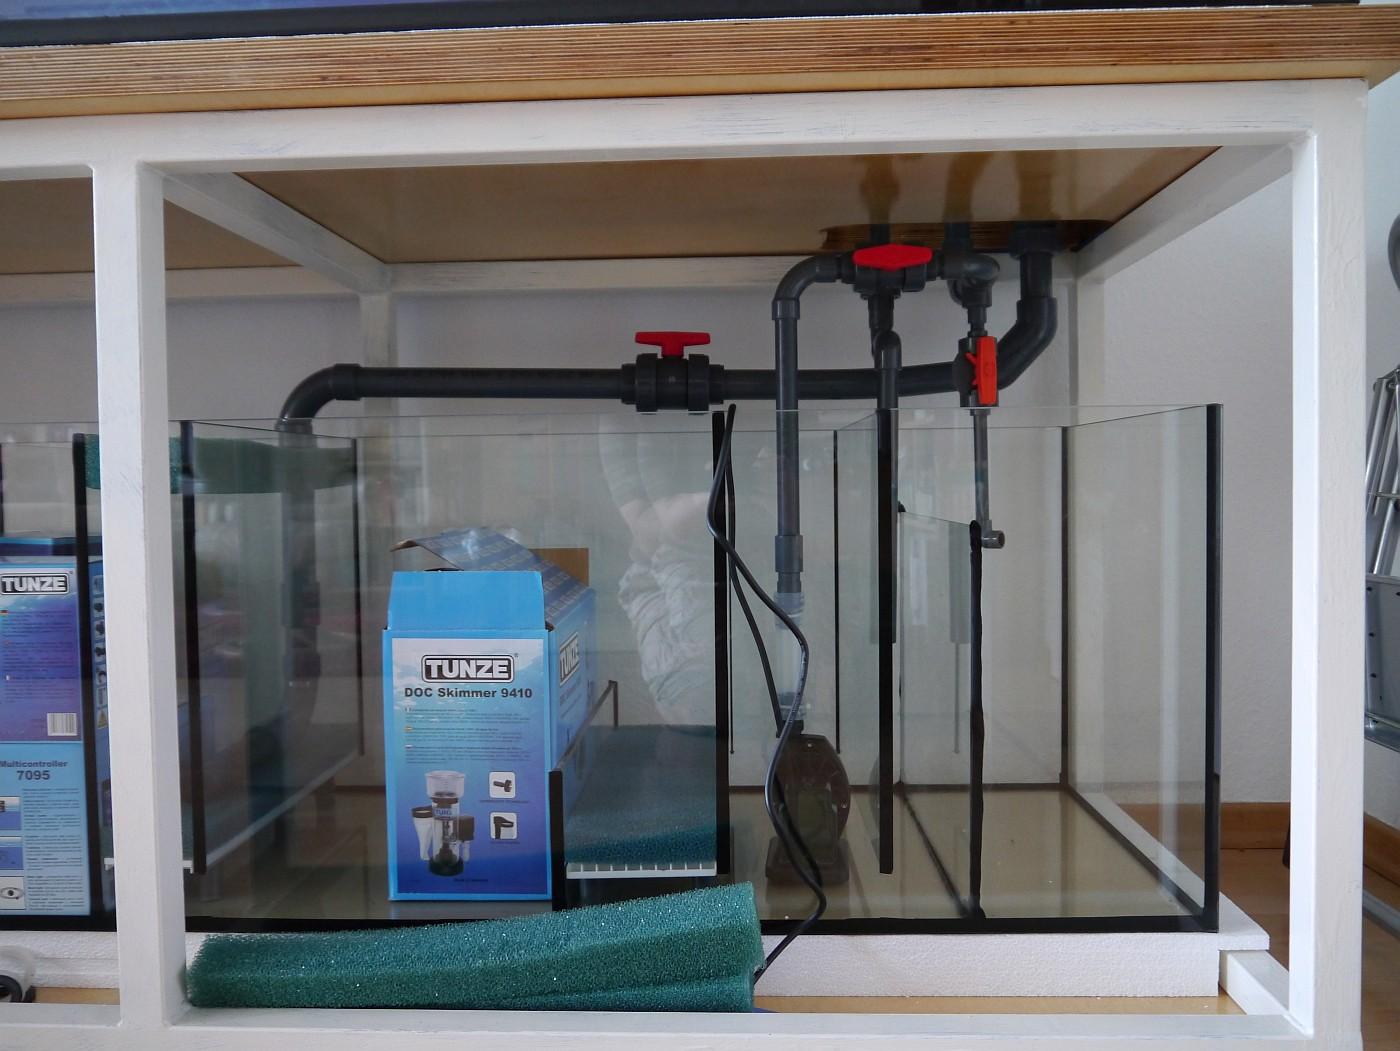 hilfe bei planung technikbecken vorbereitung dein meerwasser forum f r nanoriffe. Black Bedroom Furniture Sets. Home Design Ideas